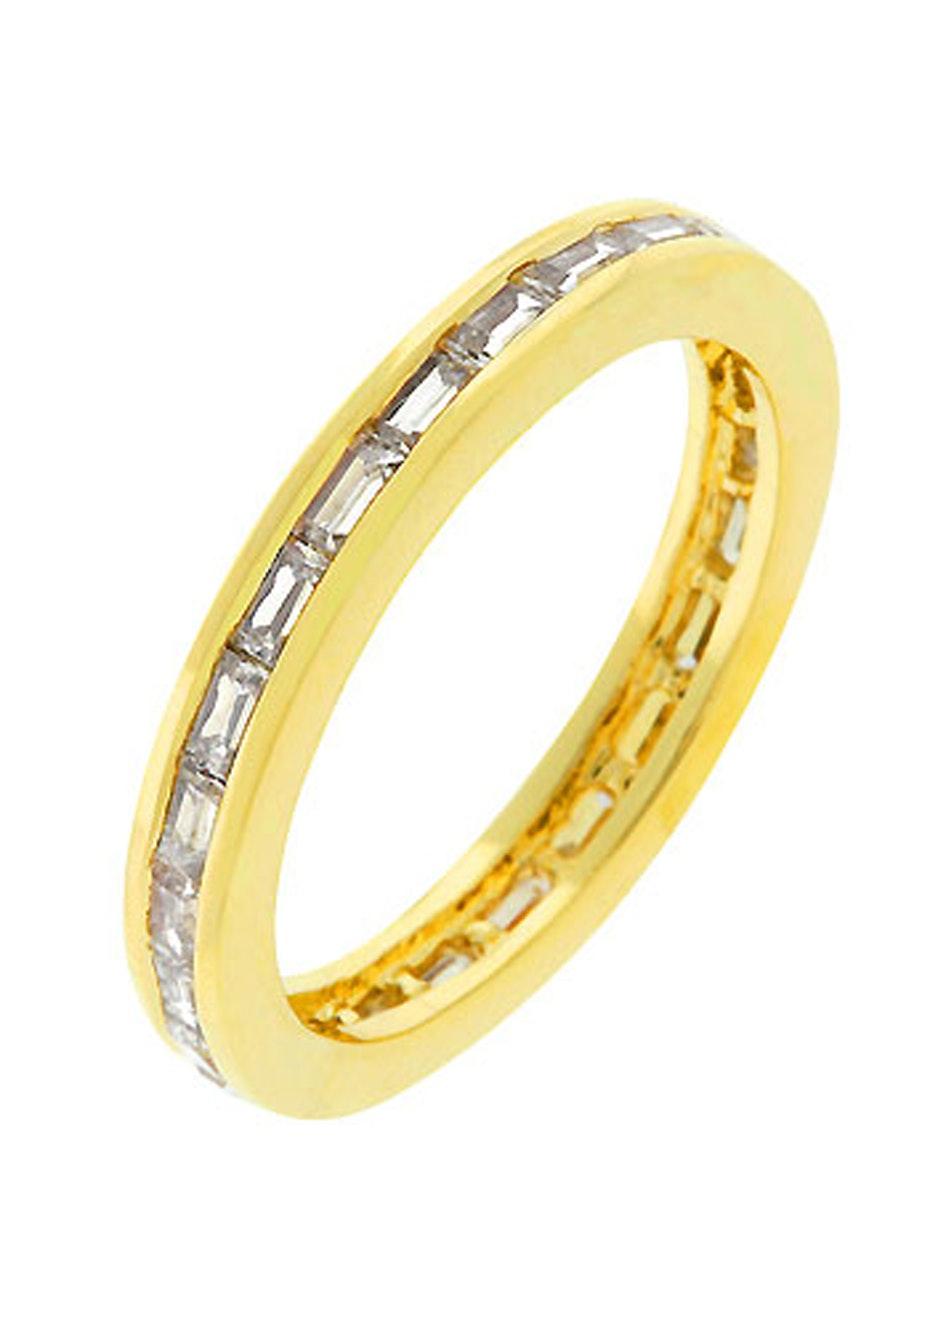 Baguette encrusted Ring 14k Gold Finish